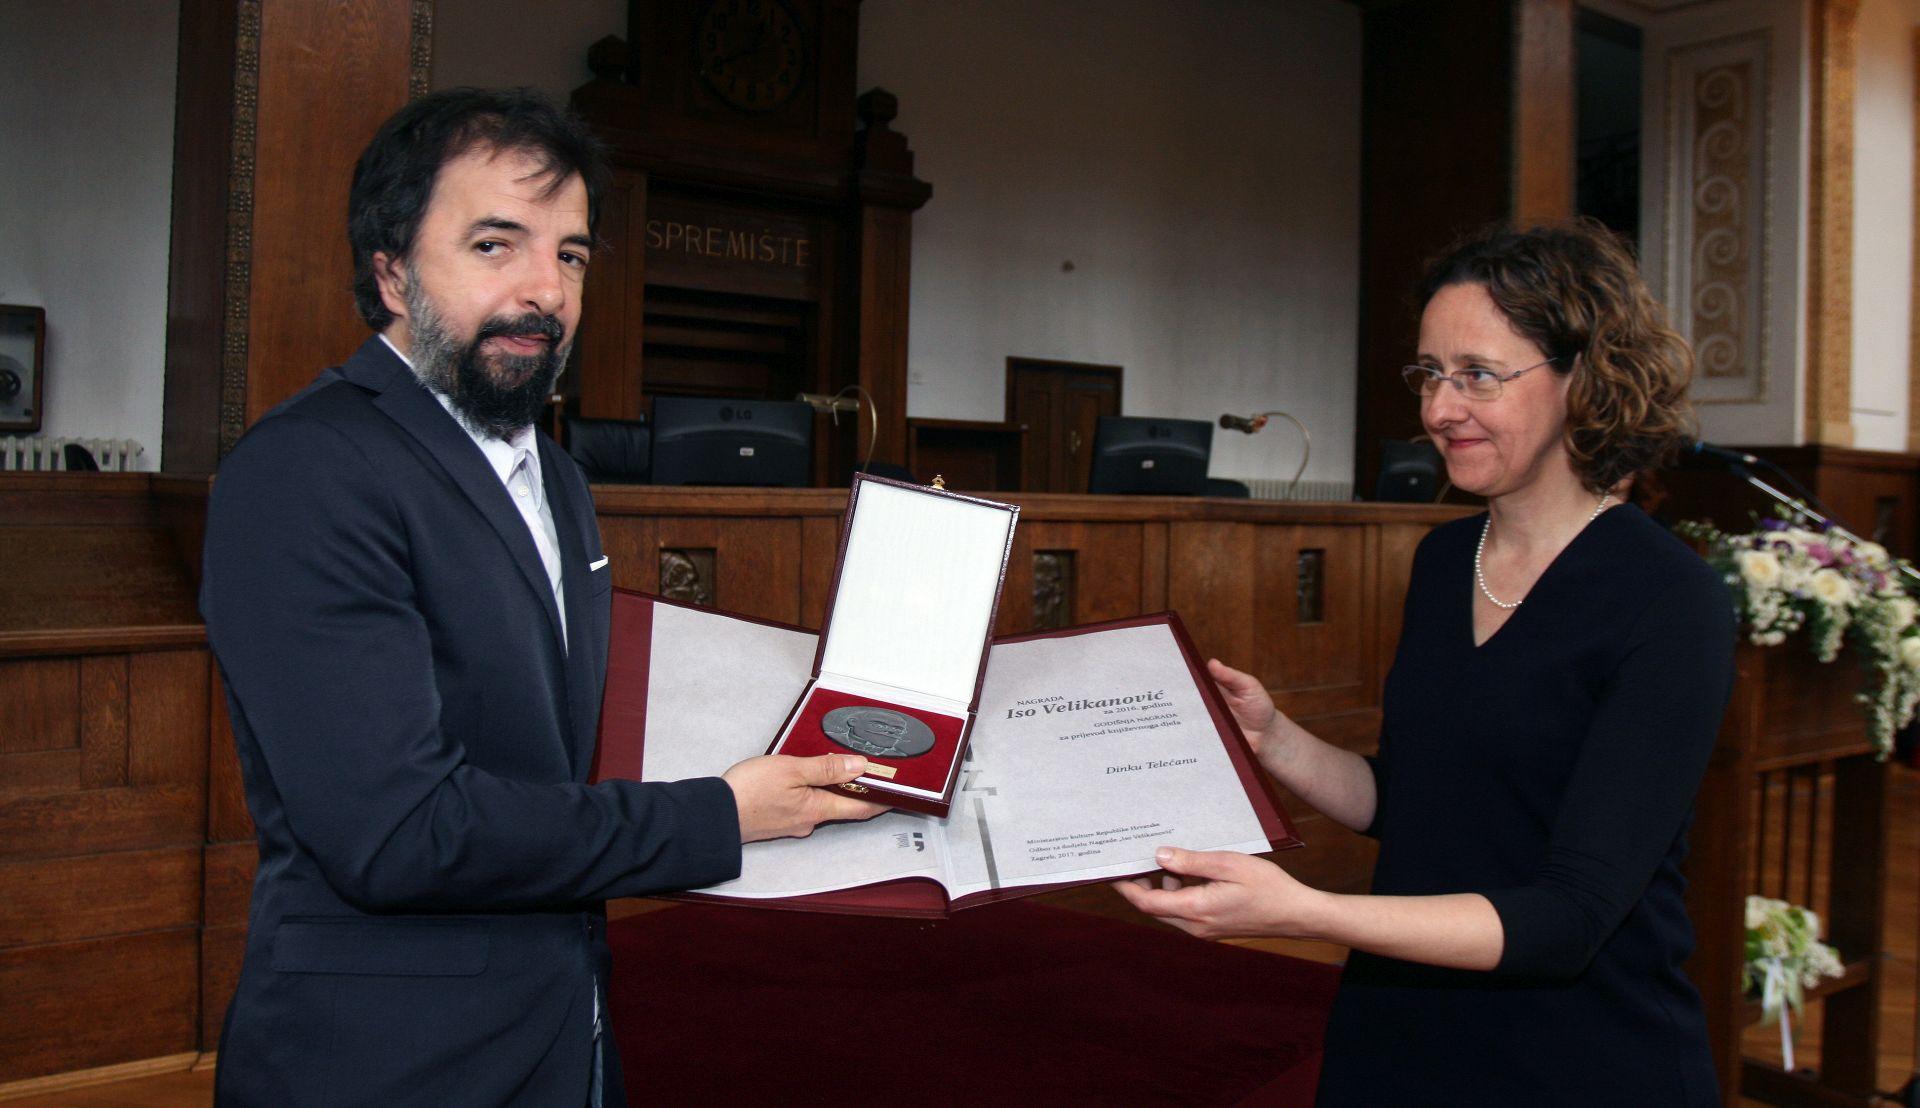 Prevoditeljima dodijeljene Nagrade 'Iso Velikanović'